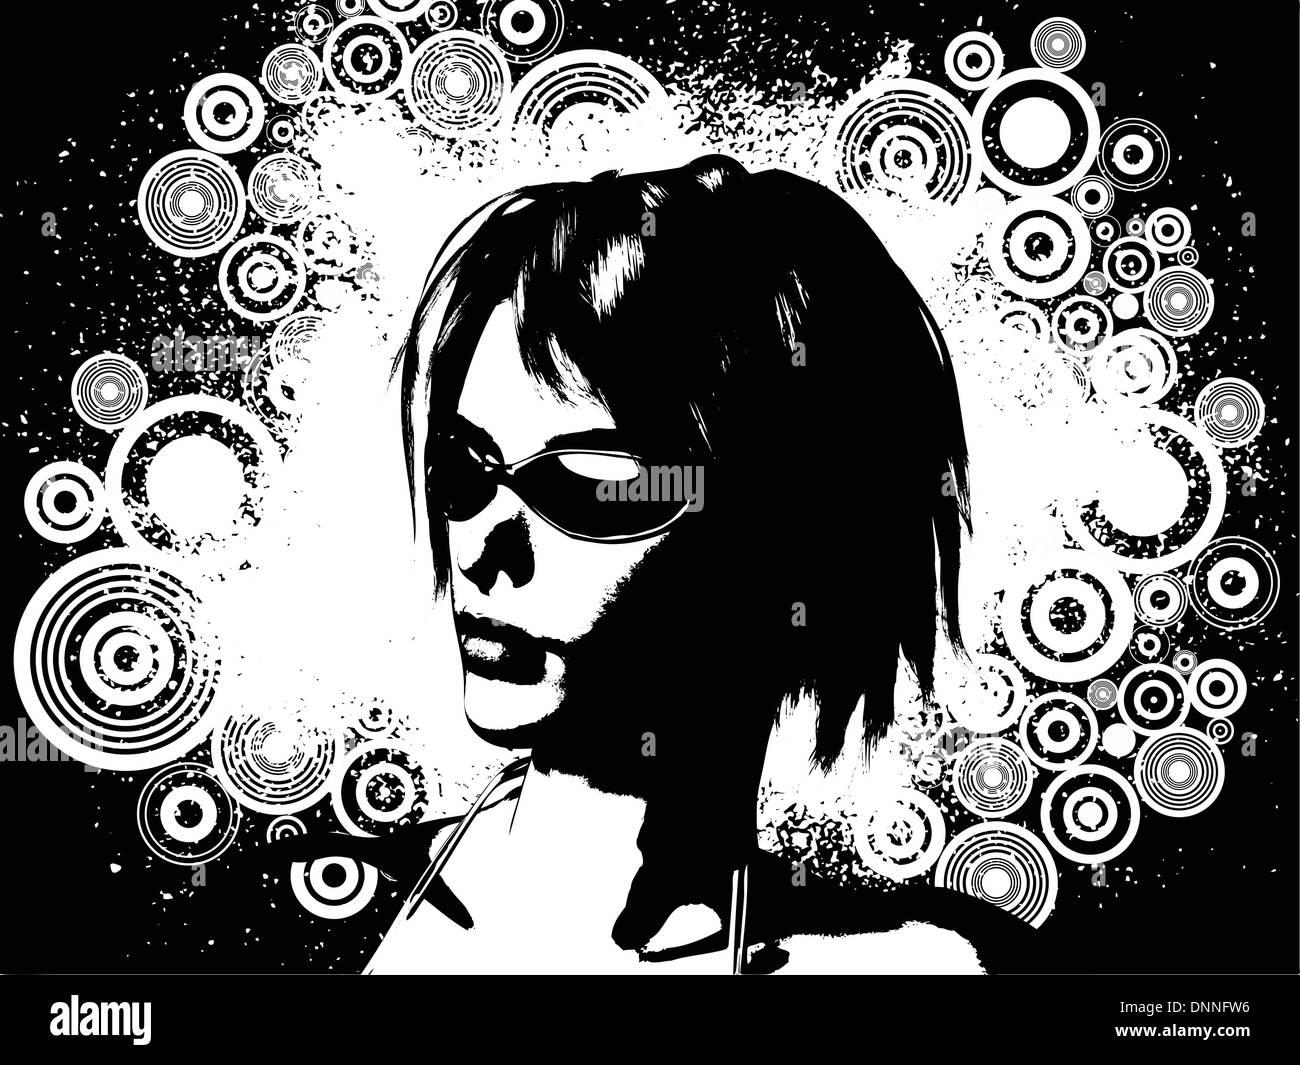 Female face on grunge background - Stock Image